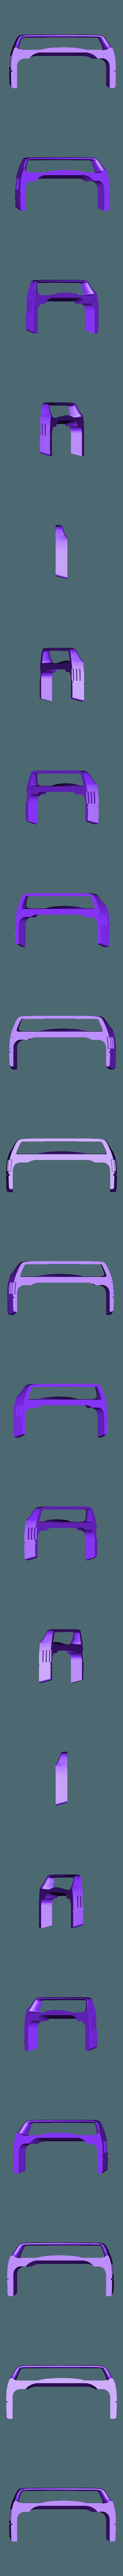 F40 1 (5).stl Download STL file Ferrari F40 1:28 Scale model OpenZ compatible (Chassis v4a) • 3D print design, guaro3d